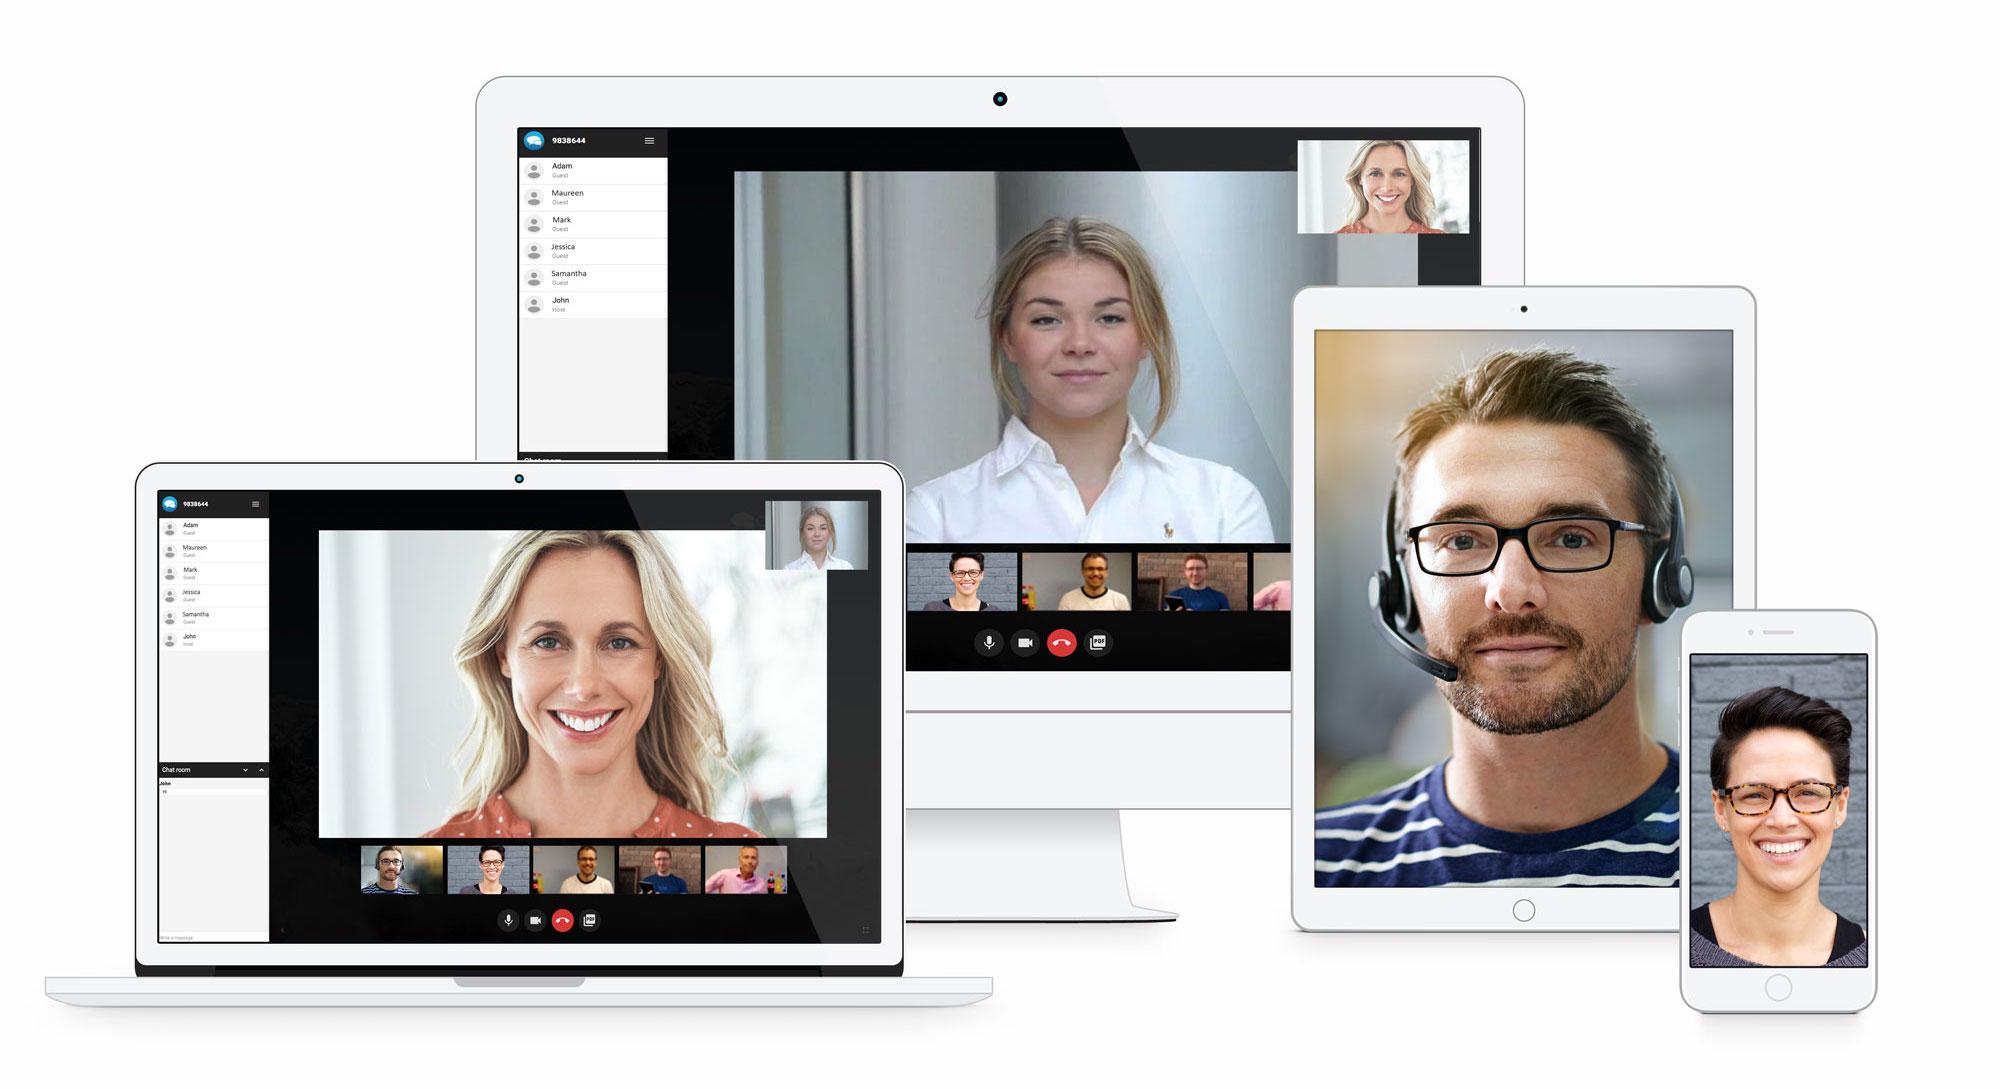 クラウドビデオ会議 CommuniCloud Video | ビデオ会議・WEB会議のコミュニクラウド